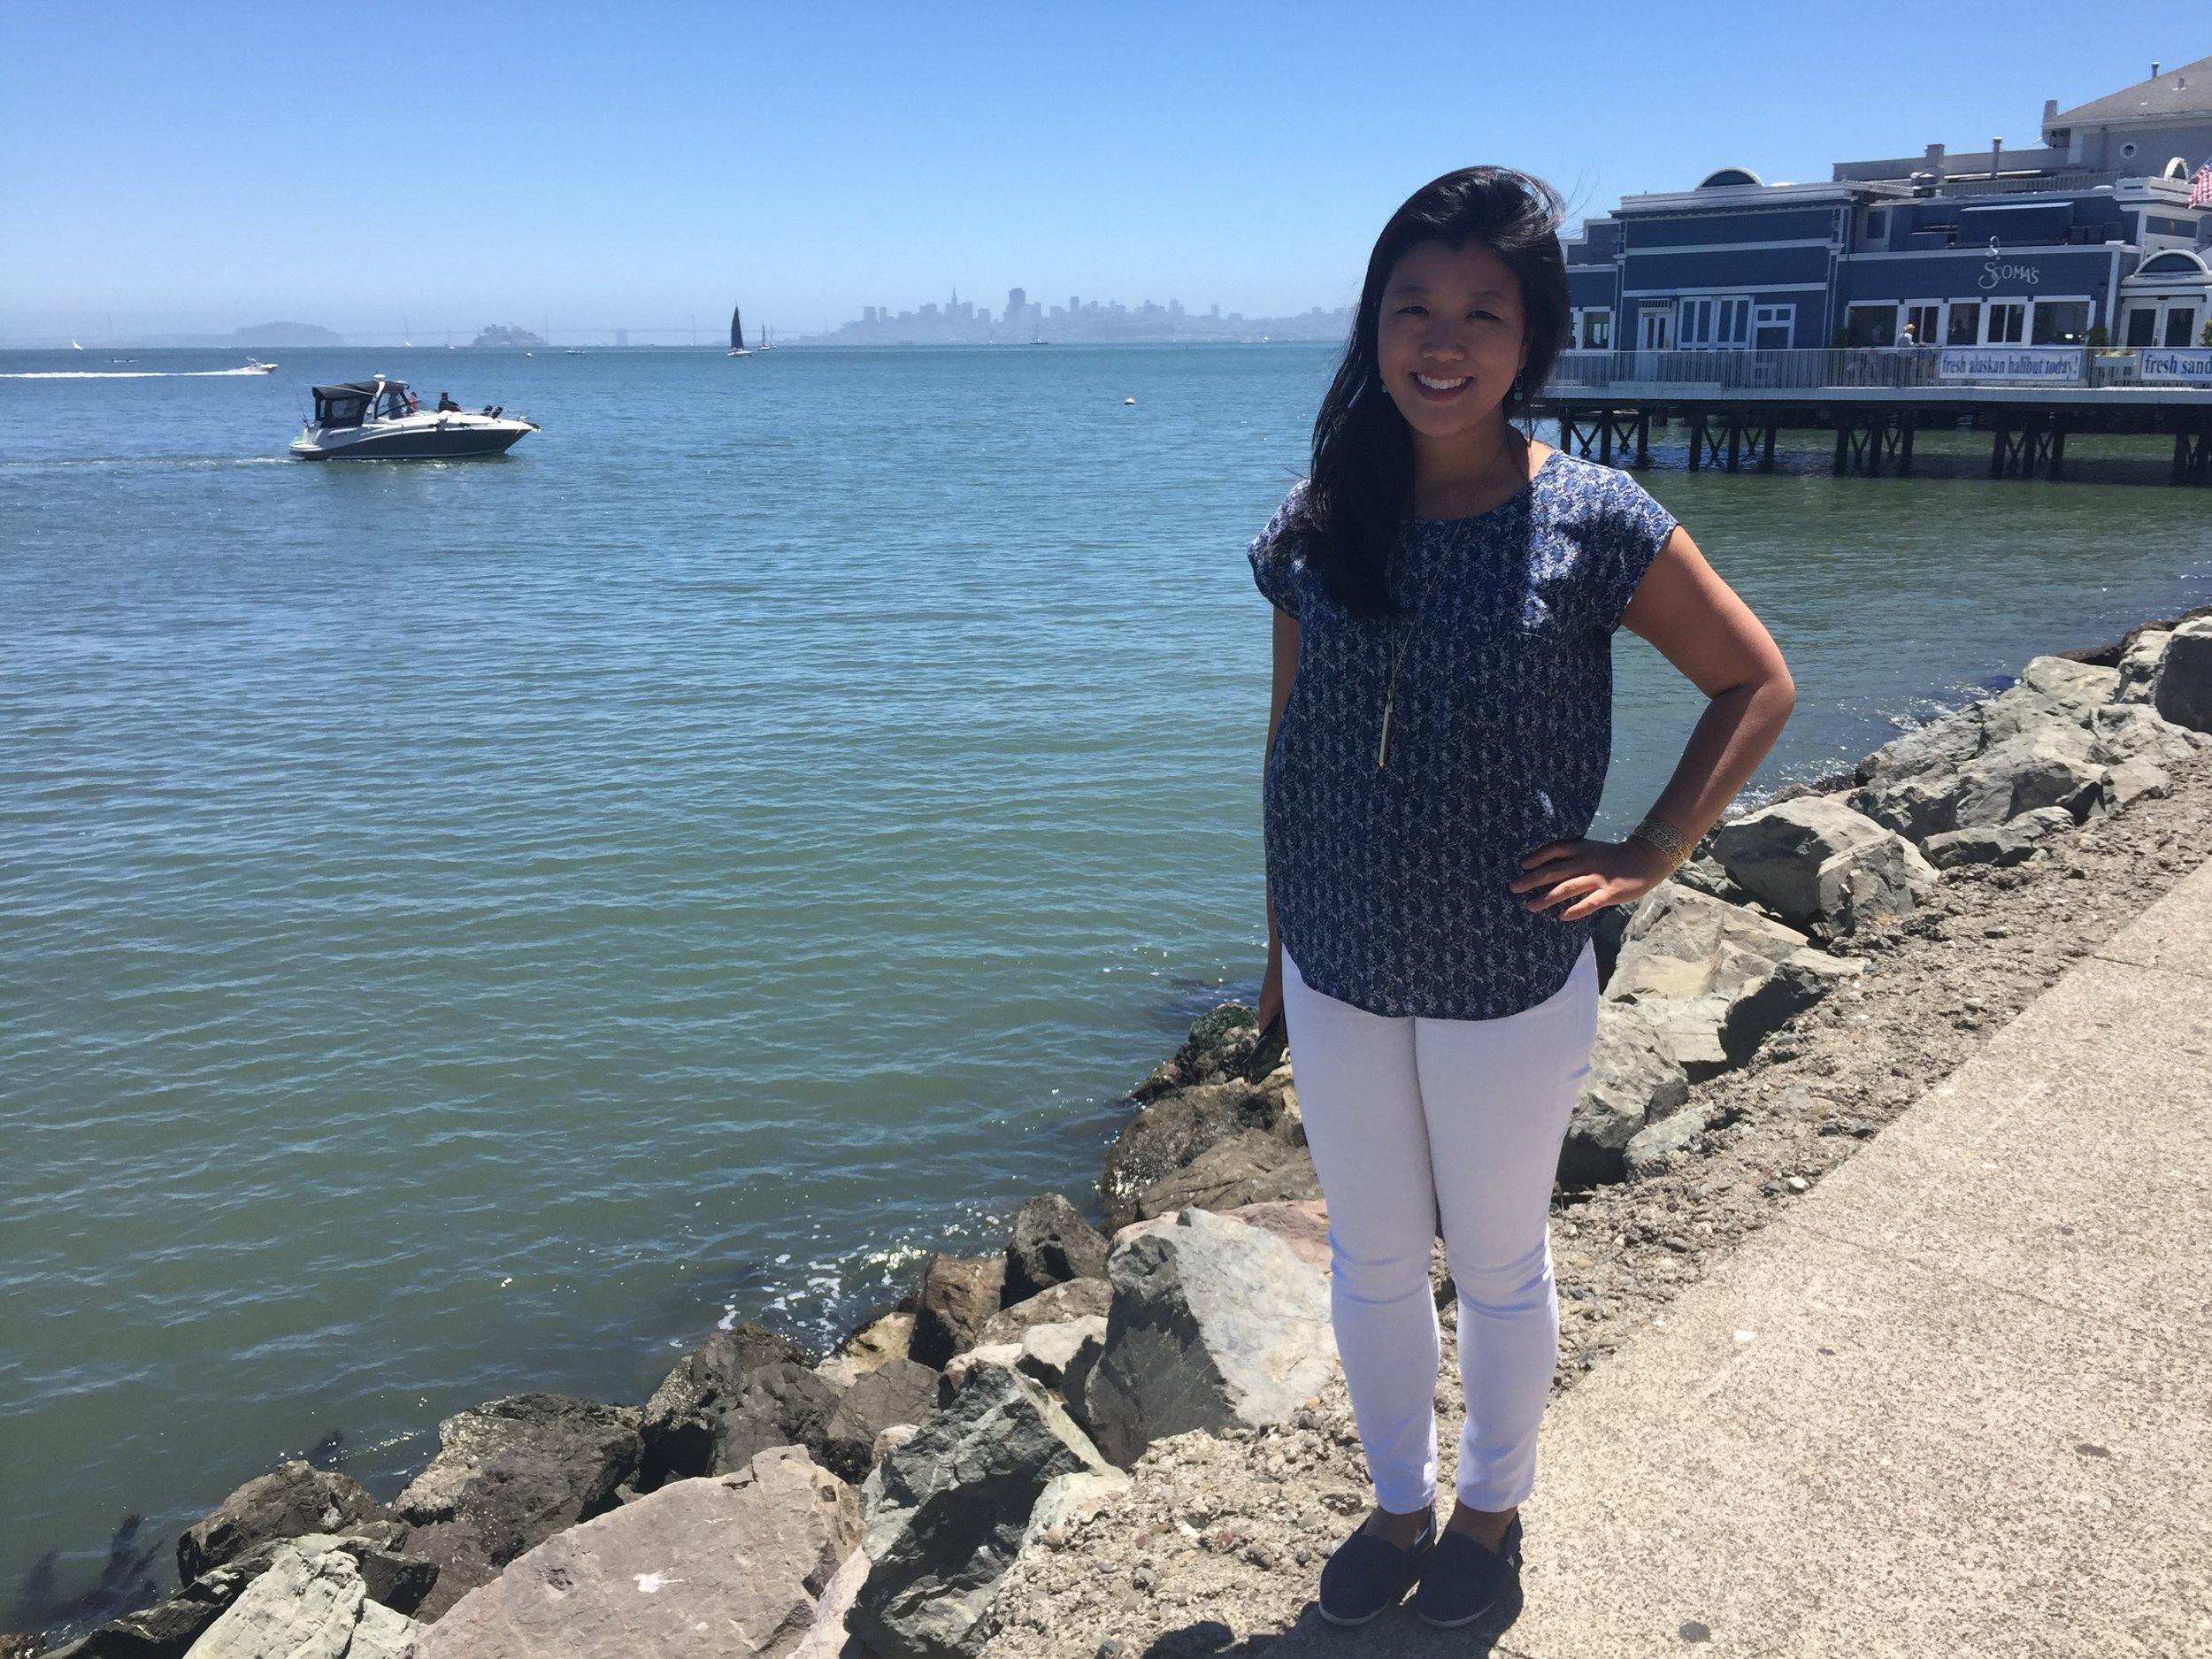 Mary in Sausalito, California, during her monthlong break between jobs in June 2016.